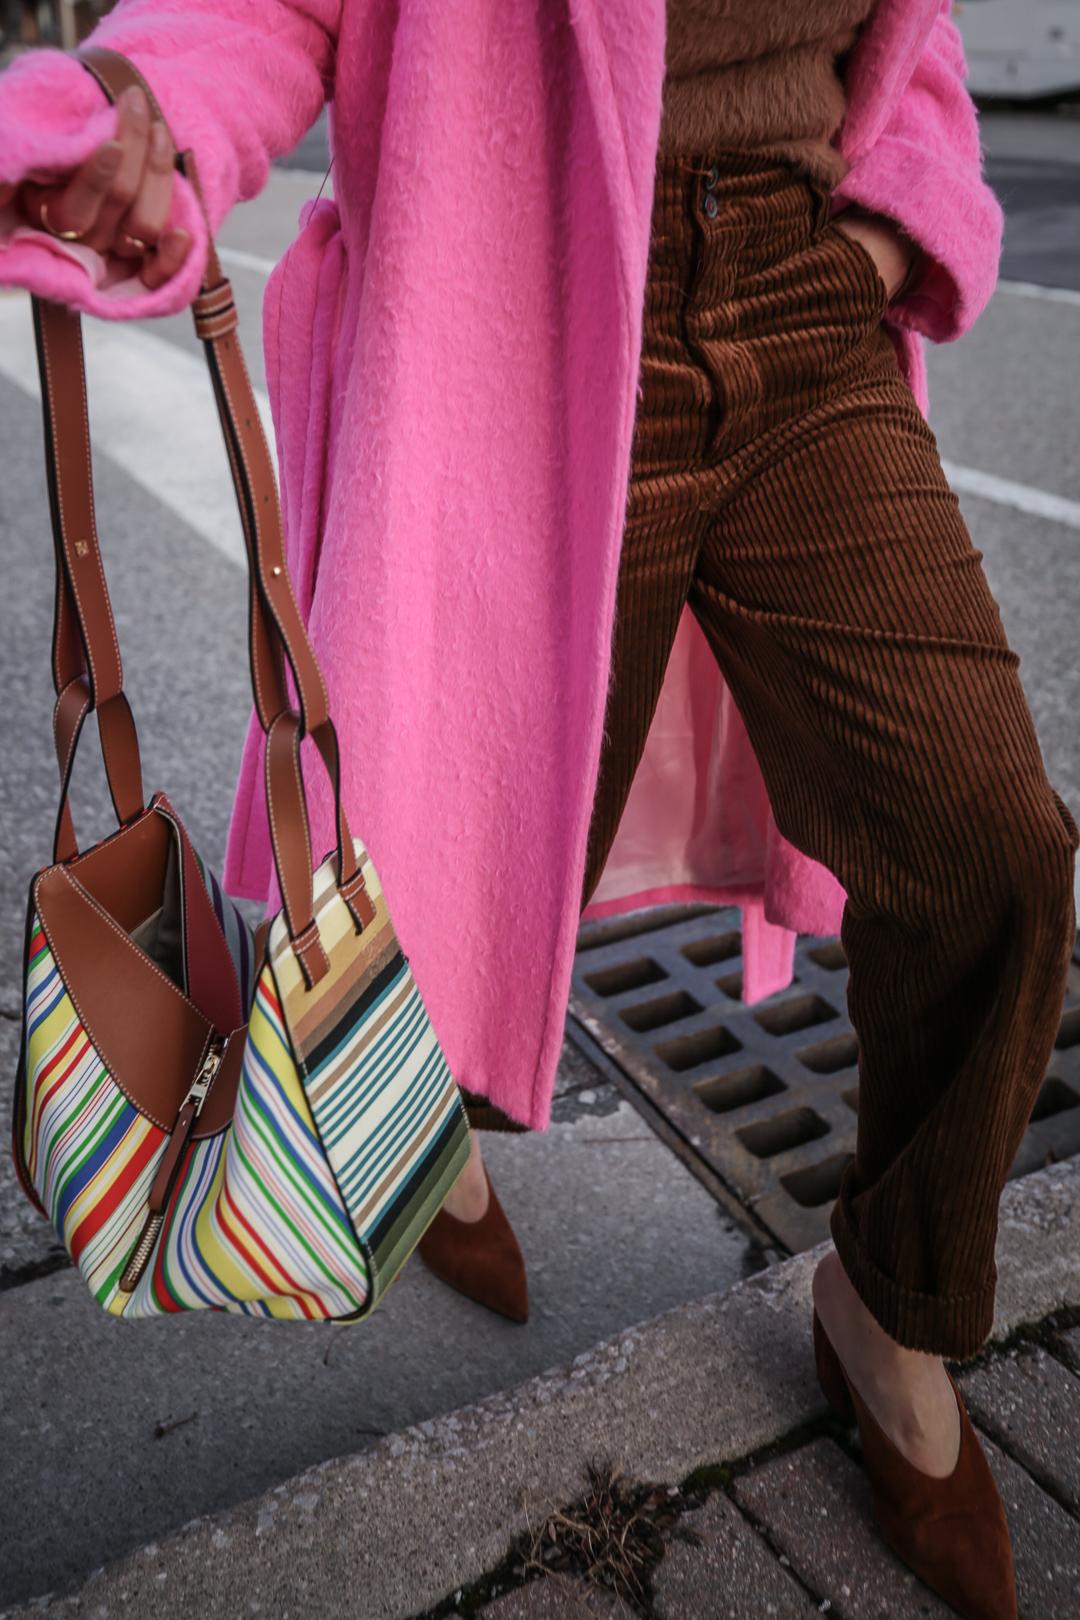 Nathalie Martin wearing Helmut Lang pink belt tie wool coat, brown corduroy pants, Zara brown textured sweater, Prada brown suede mules, Loewe striped Hammock bag, Bonlook Class sunglasses, street style, woahstyle.com_5155.jpg